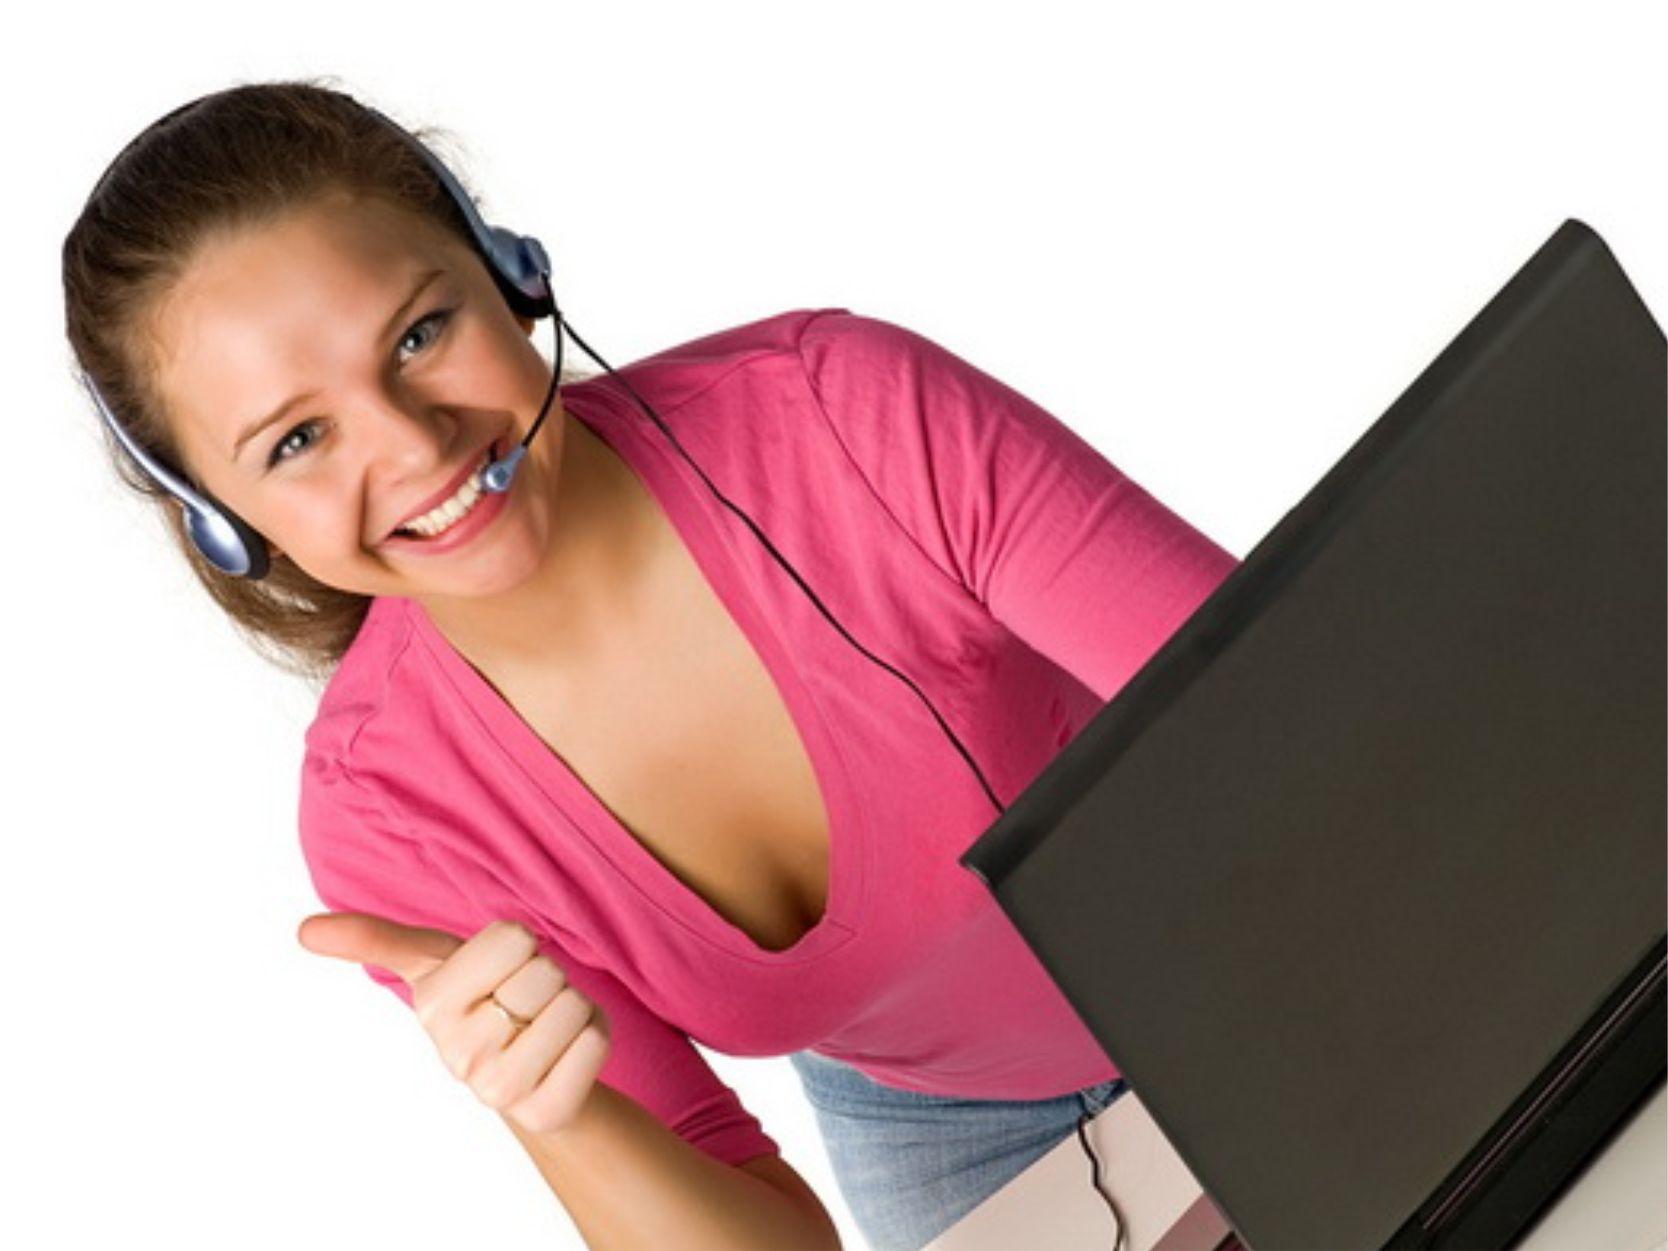 Разговор по скайпу бесплатно с девушкой 9 фотография